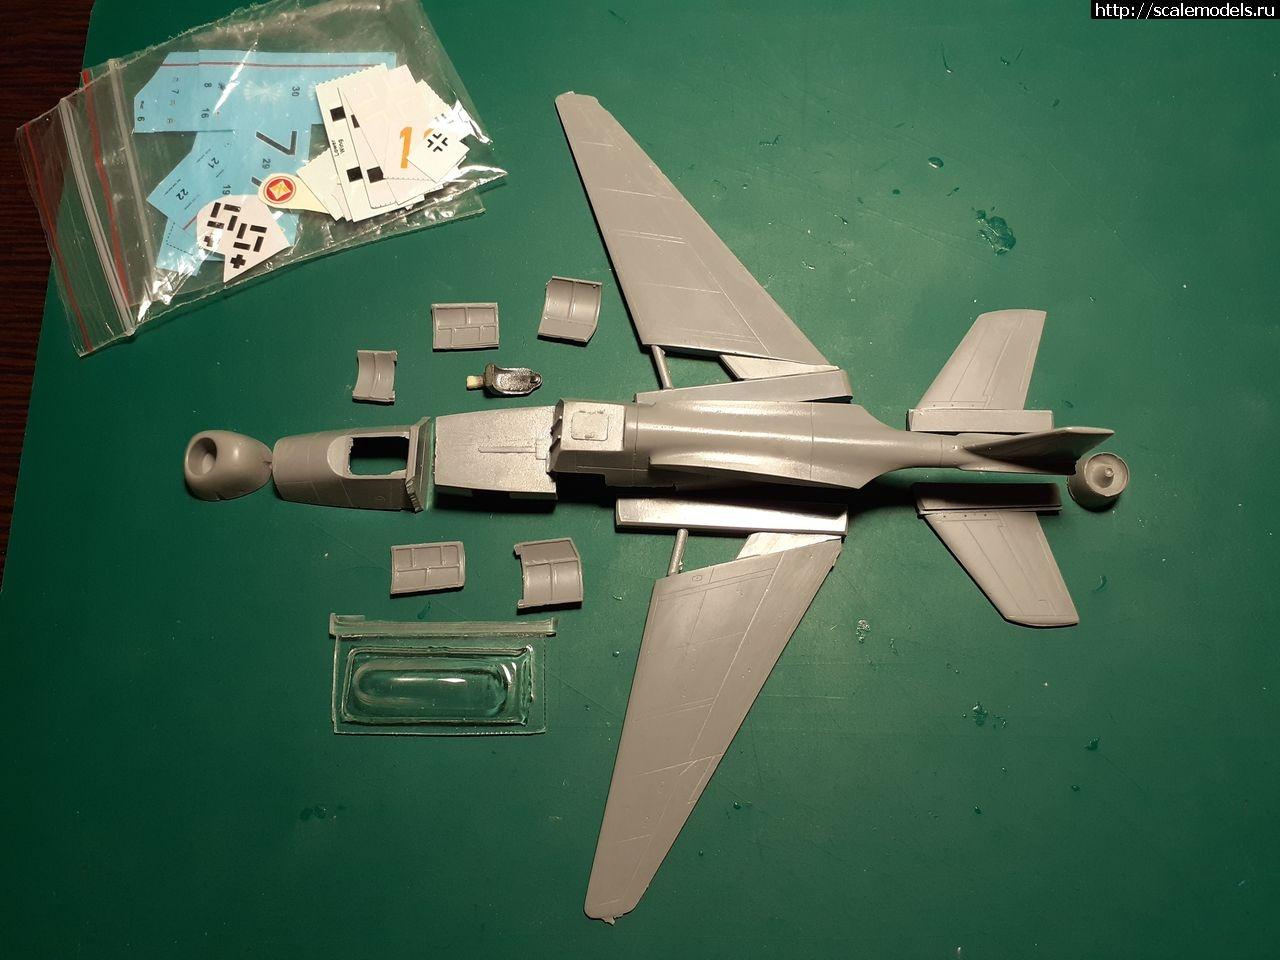 Blohm & Voss BV P.209.02 1:72 Airmodel (ГОТОВО) Закрыть окно